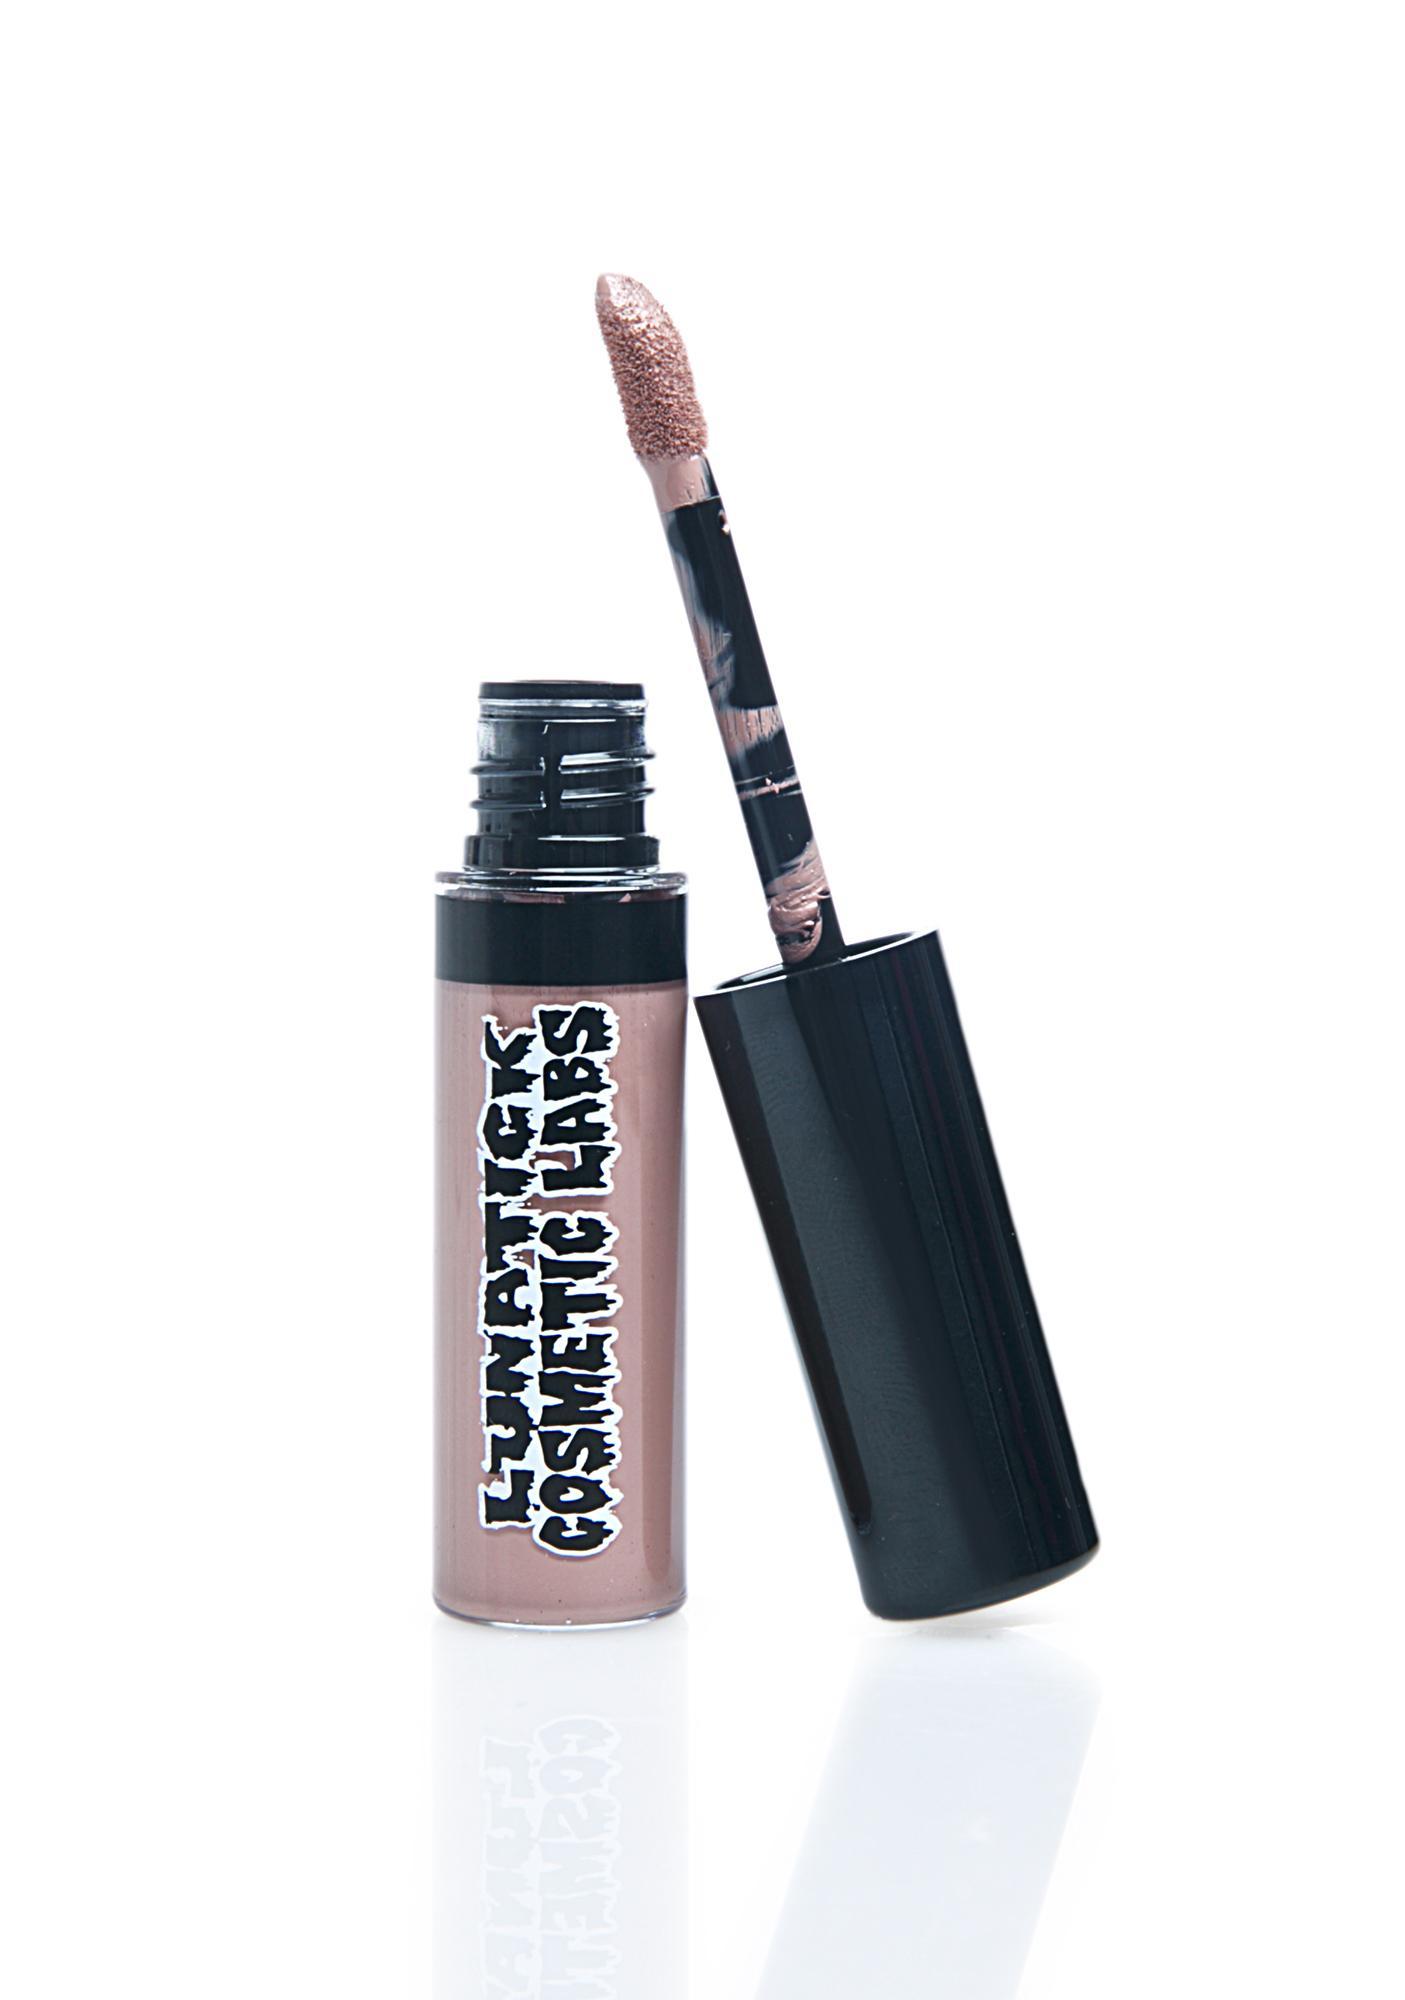 Lunatick Cosmetic Labs Coven Cream Lip Slick